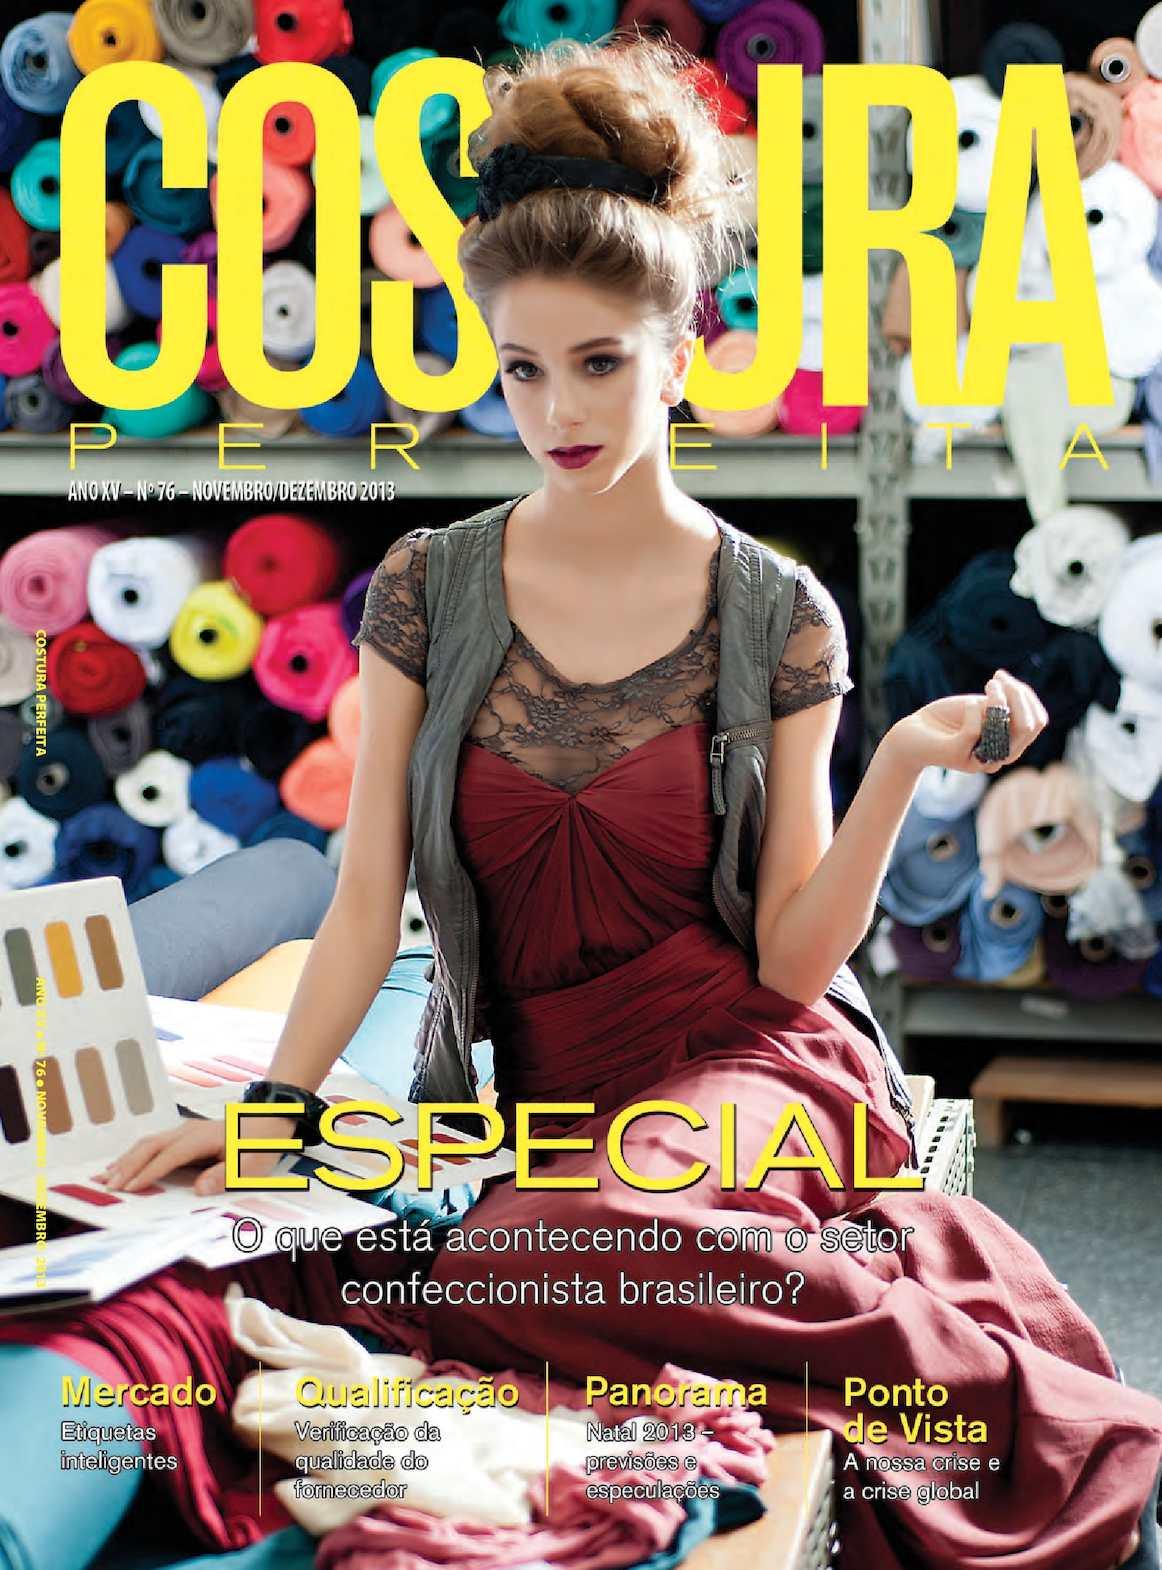 Calaméo - Revista Costura Perfeita Edição Ano XV - N76 - Novembro-Dezembro  2013 7c3ef0bbc66da